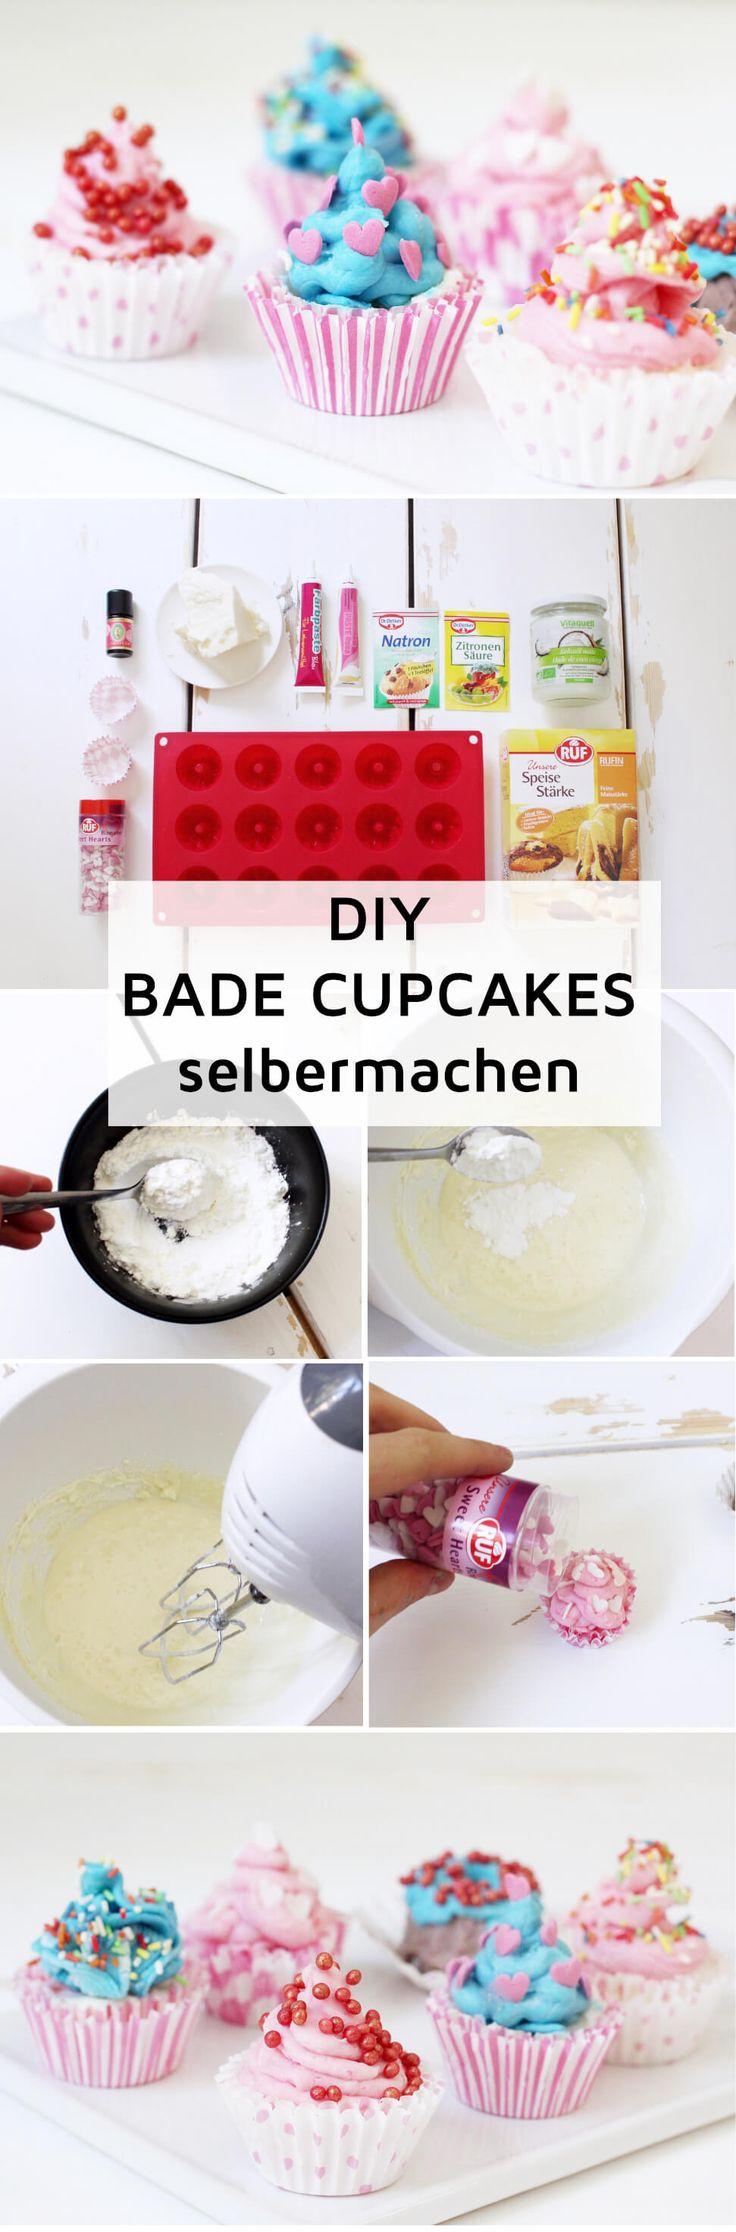 Badebomben in Cupcake-Form Selbermachen: Tolle DIY Geschenkidee für Weihnachten!